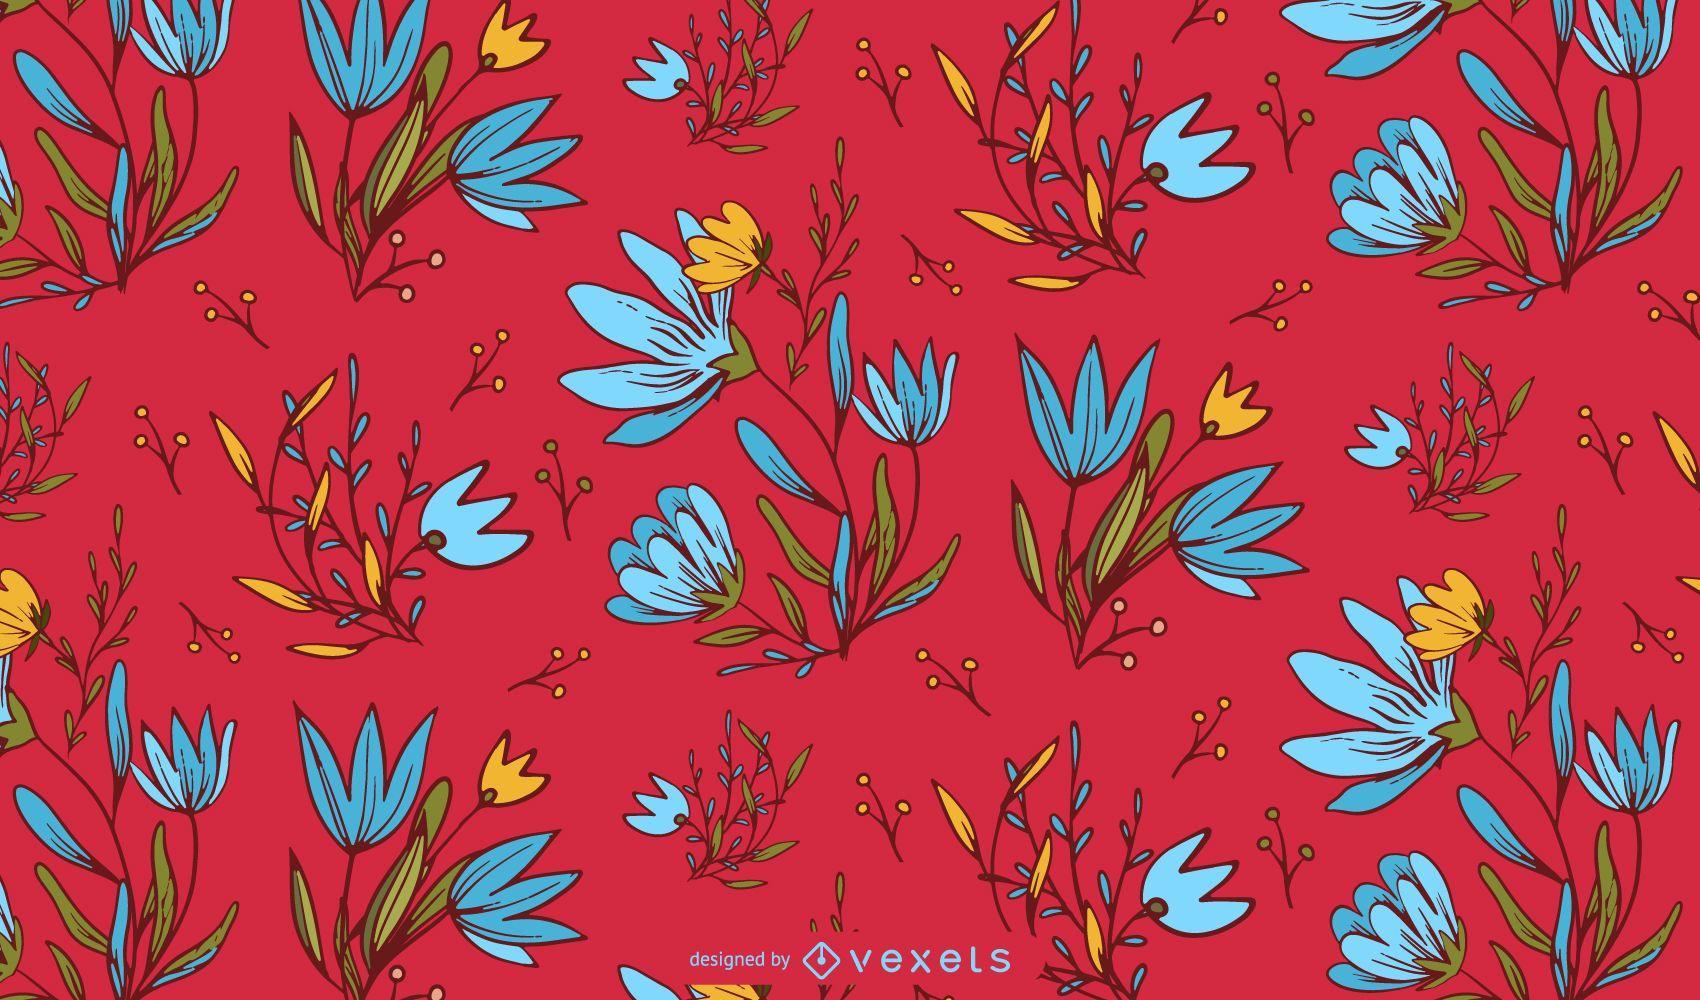 Diseño de patrón floral mexicano